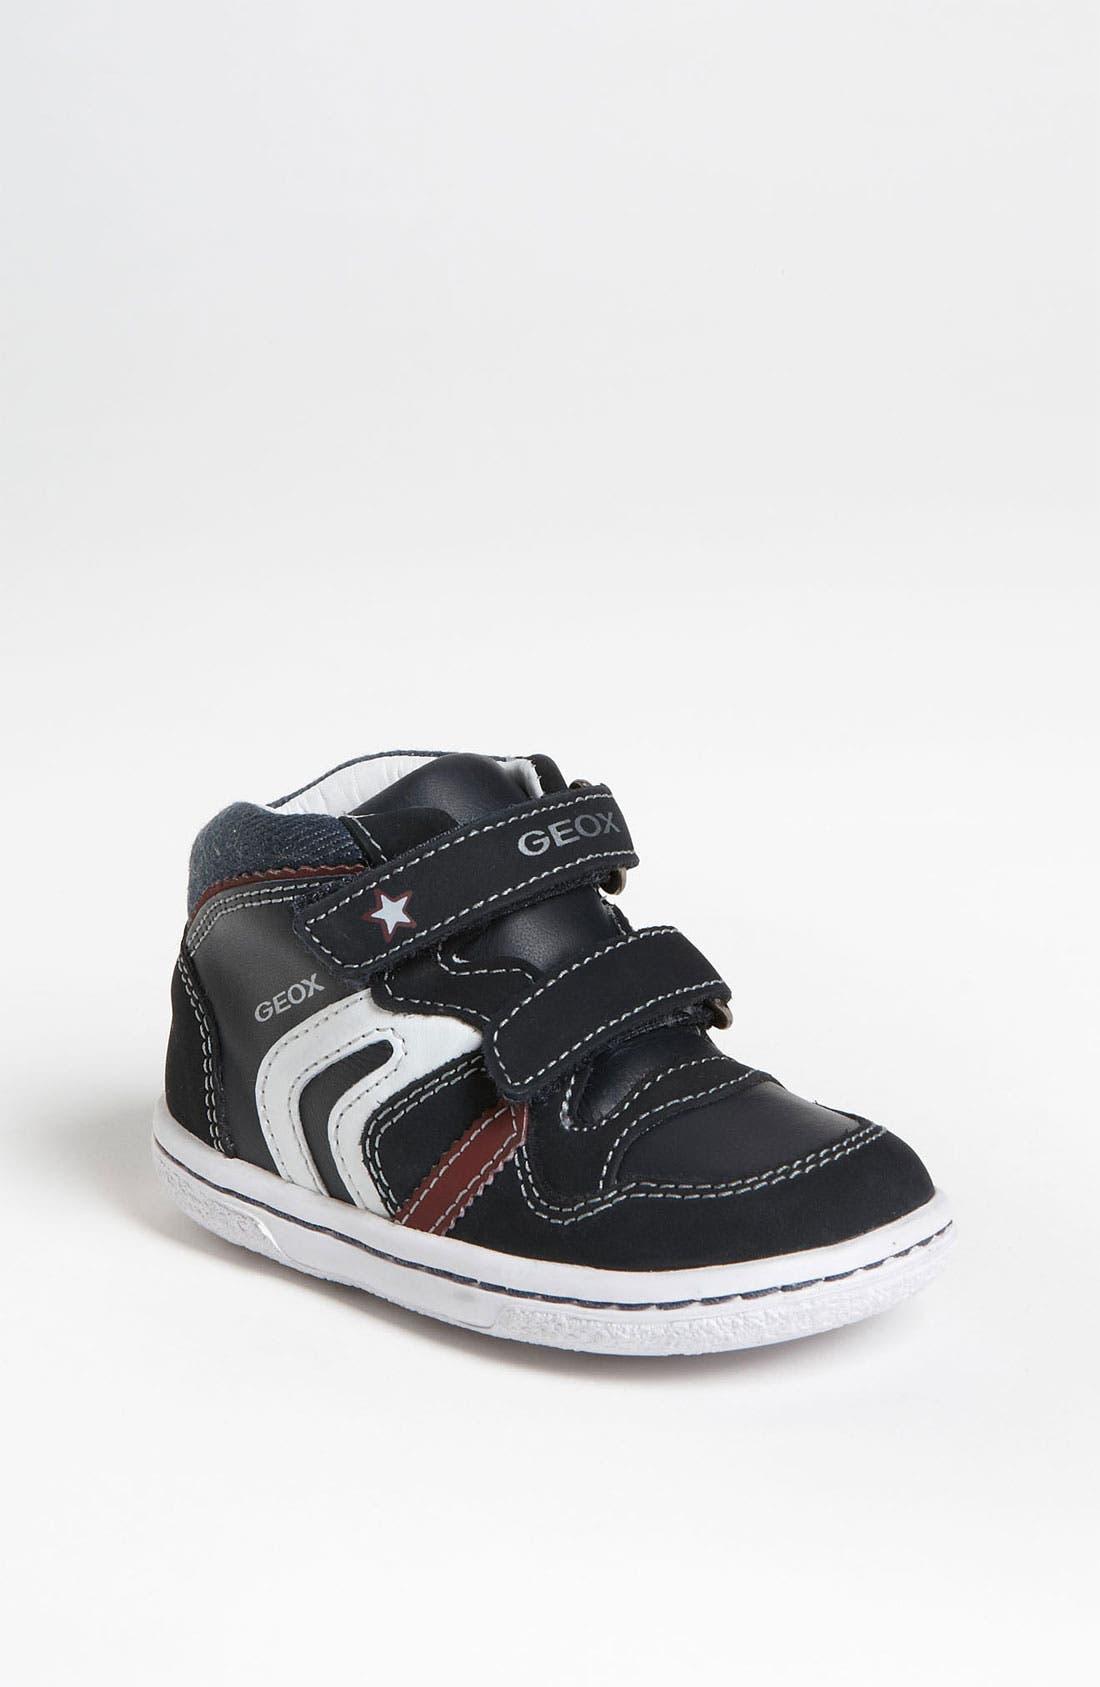 Alternate Image 1 Selected - Geox 'Flick' Sneaker (Baby, Walker & Toddler)